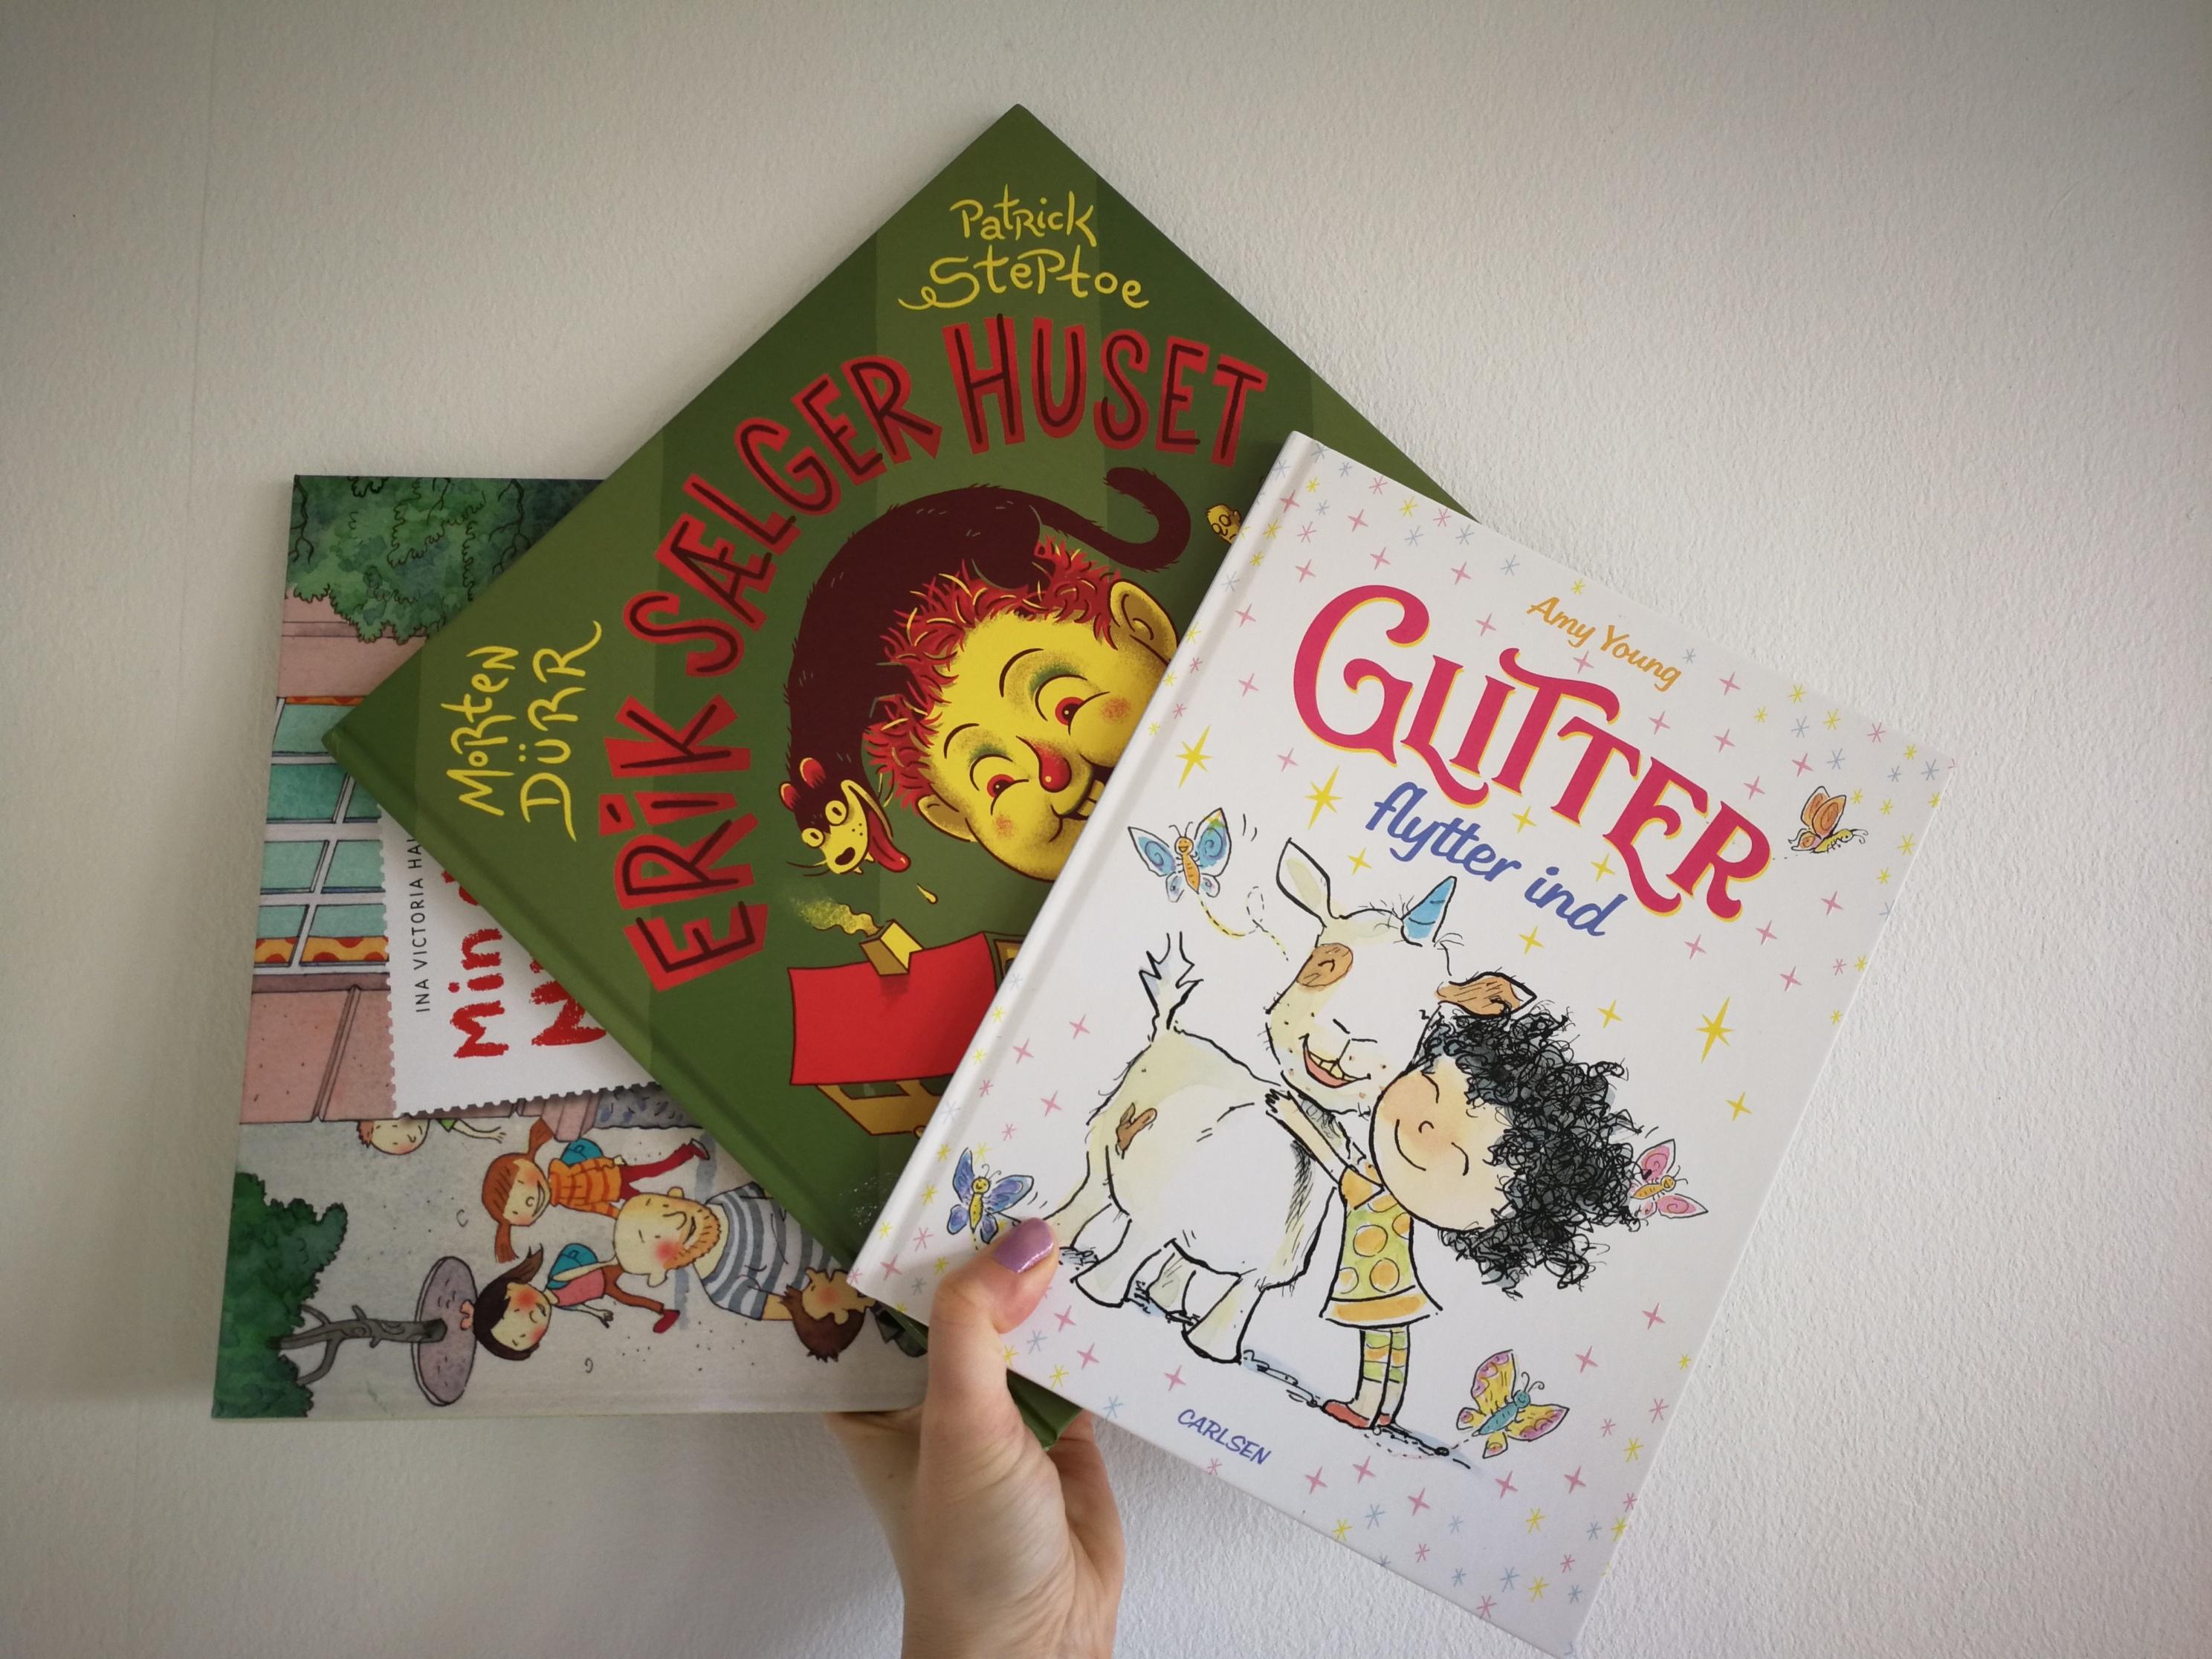 højtlæsning børnebøger førskole børnehavebørn kulturmor